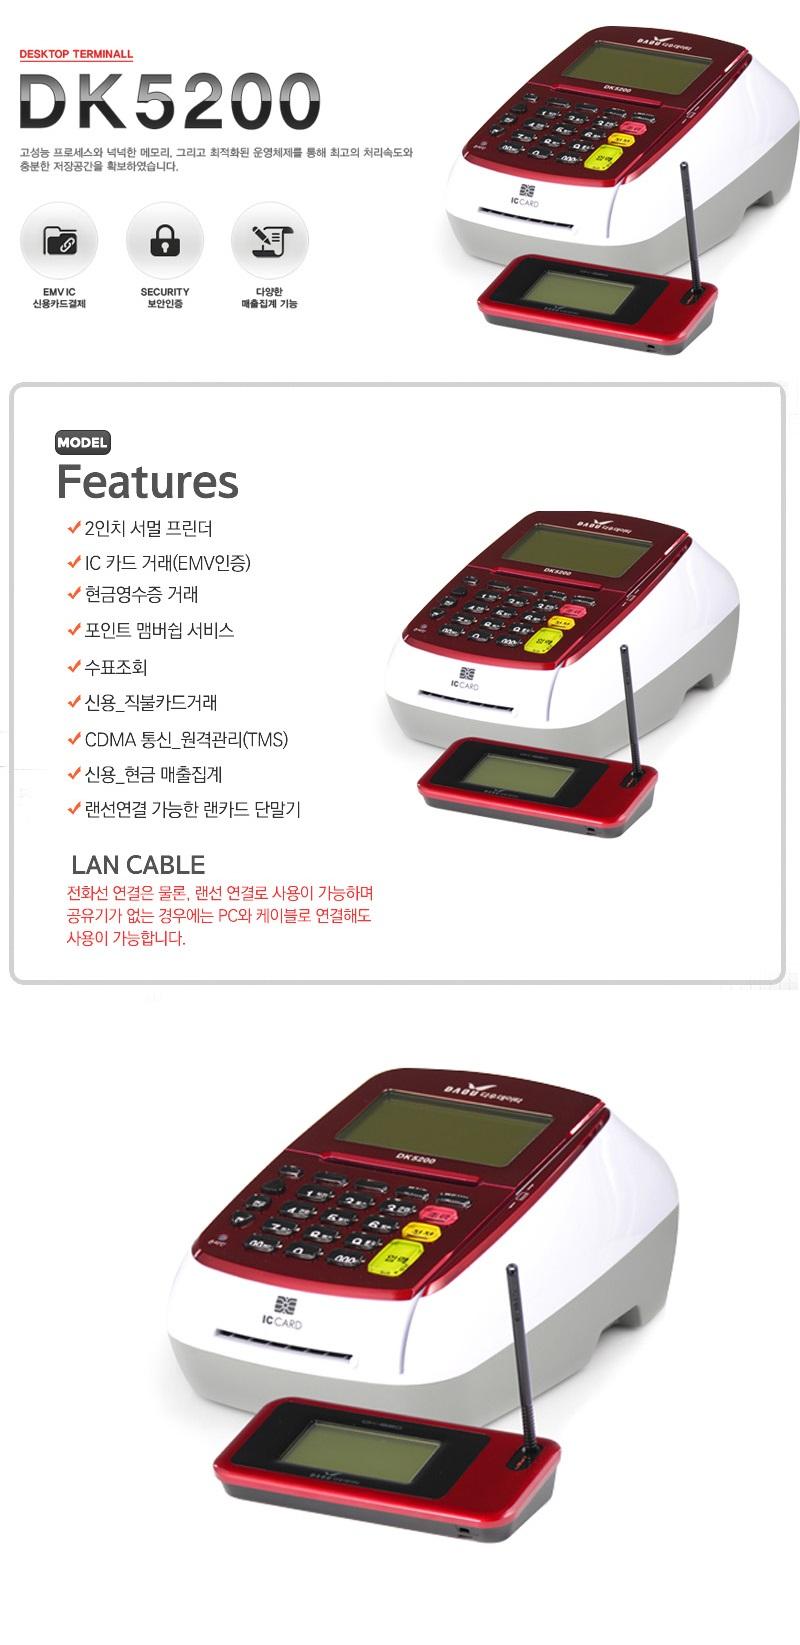 DK5200.jpg